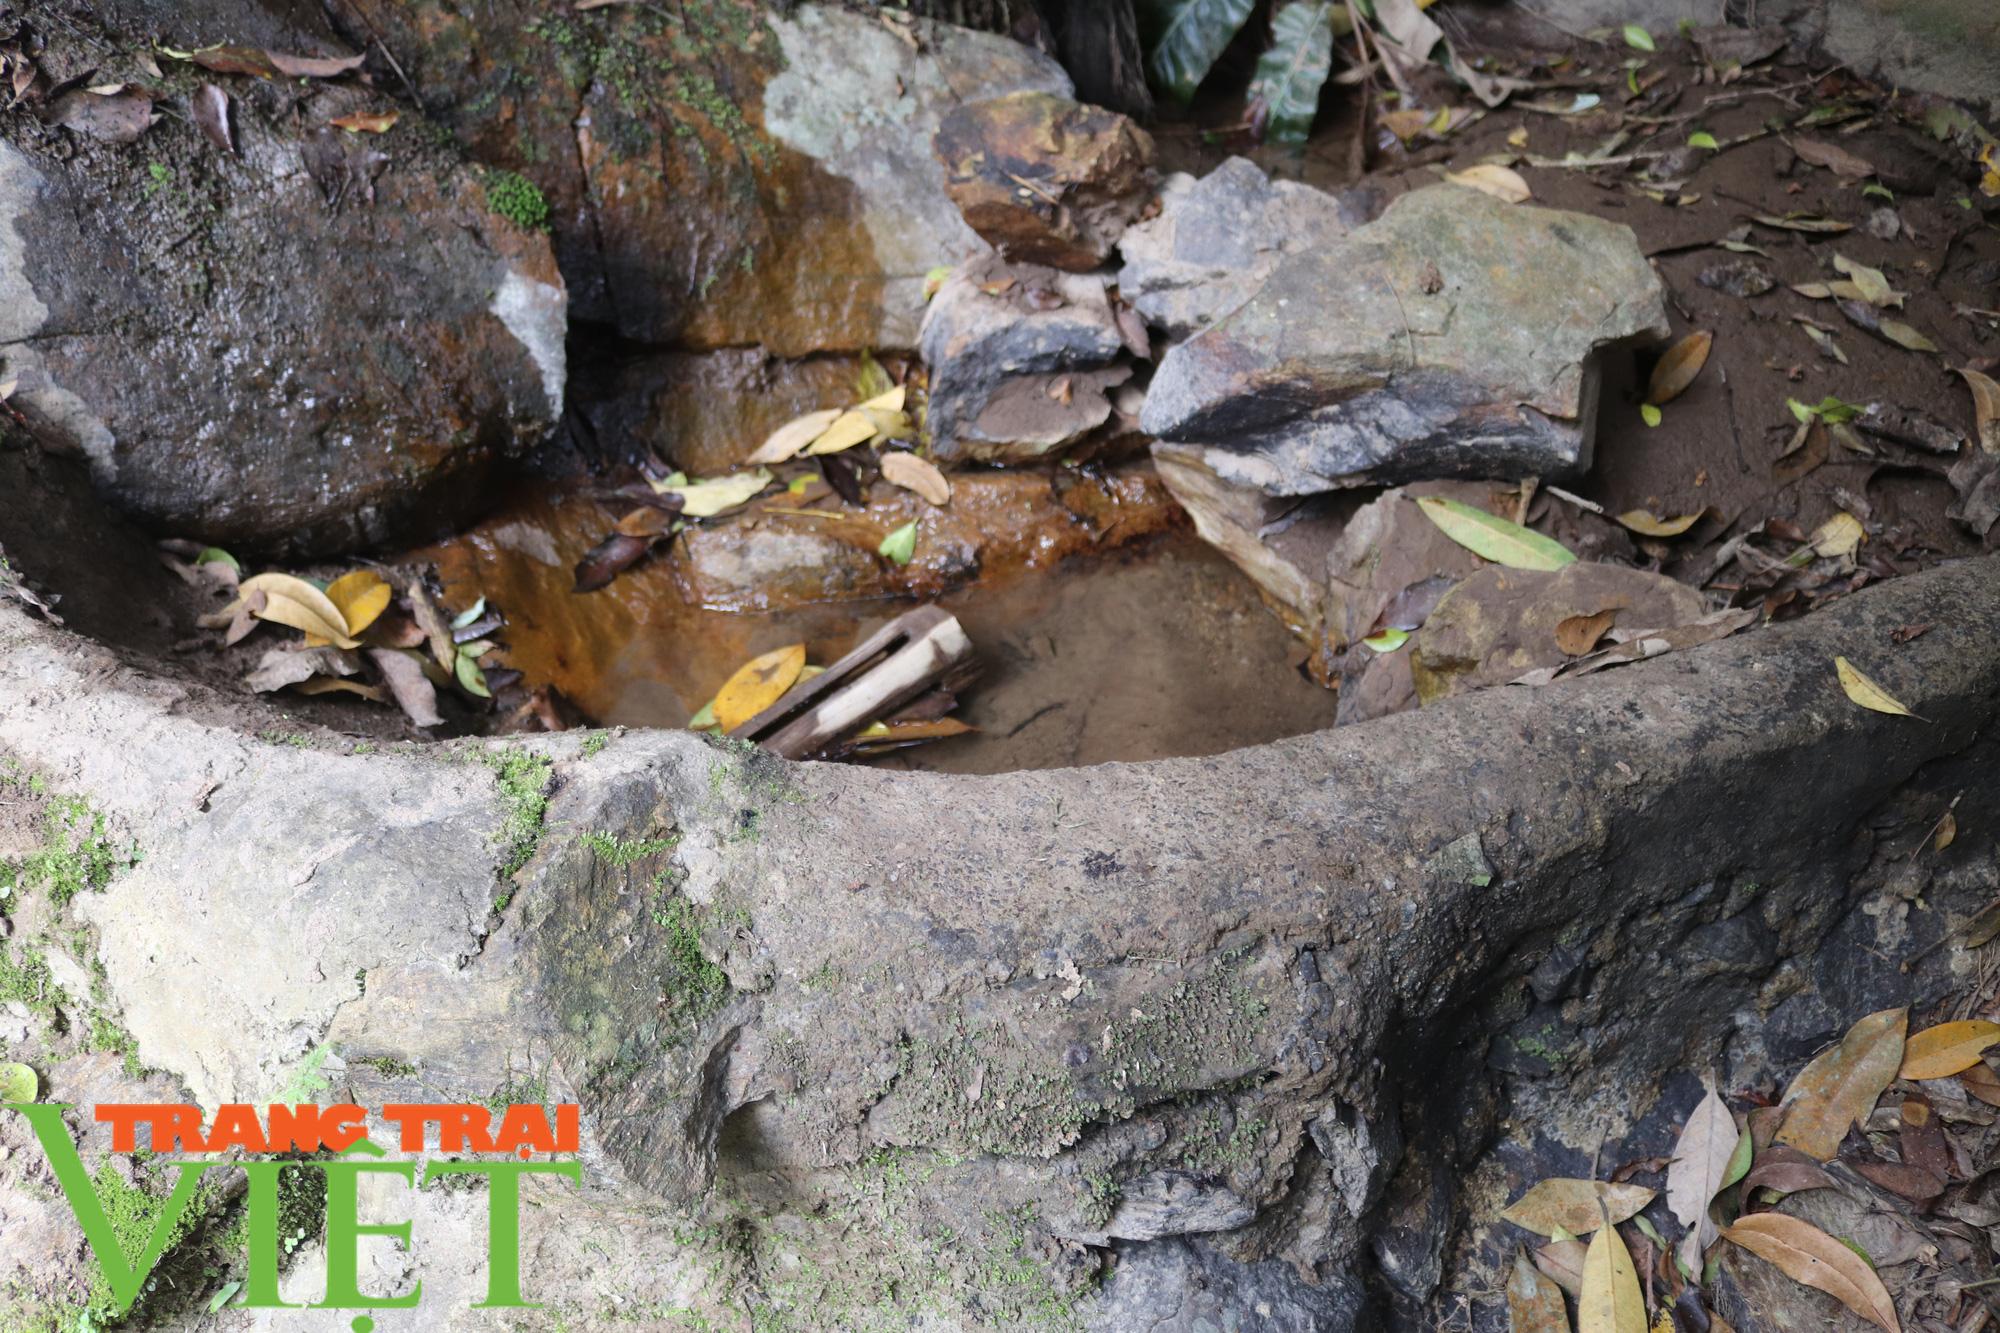 Vụ bán nguồn nước ở Bắc Yên: Bán cả trâu, bò, tích góp gần 2 năm mới trả nợ xong - Ảnh 2.